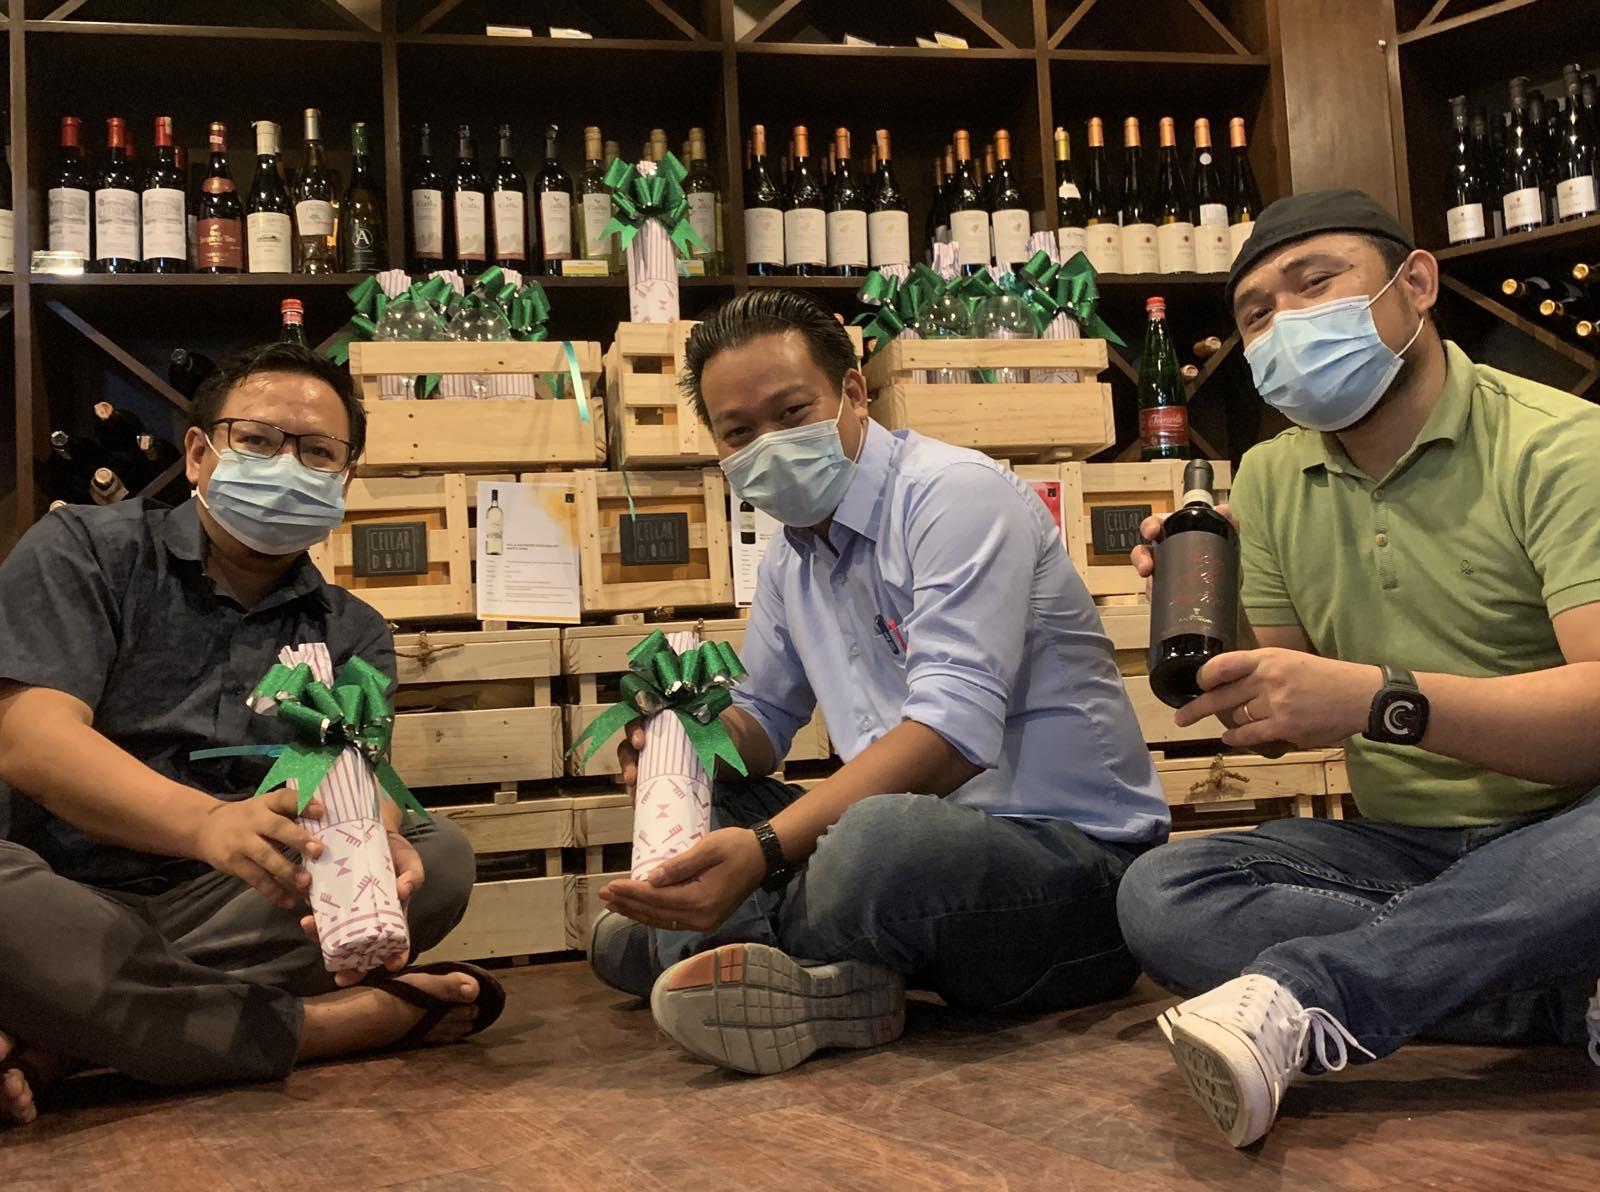 Cellar Door Wine Distributor